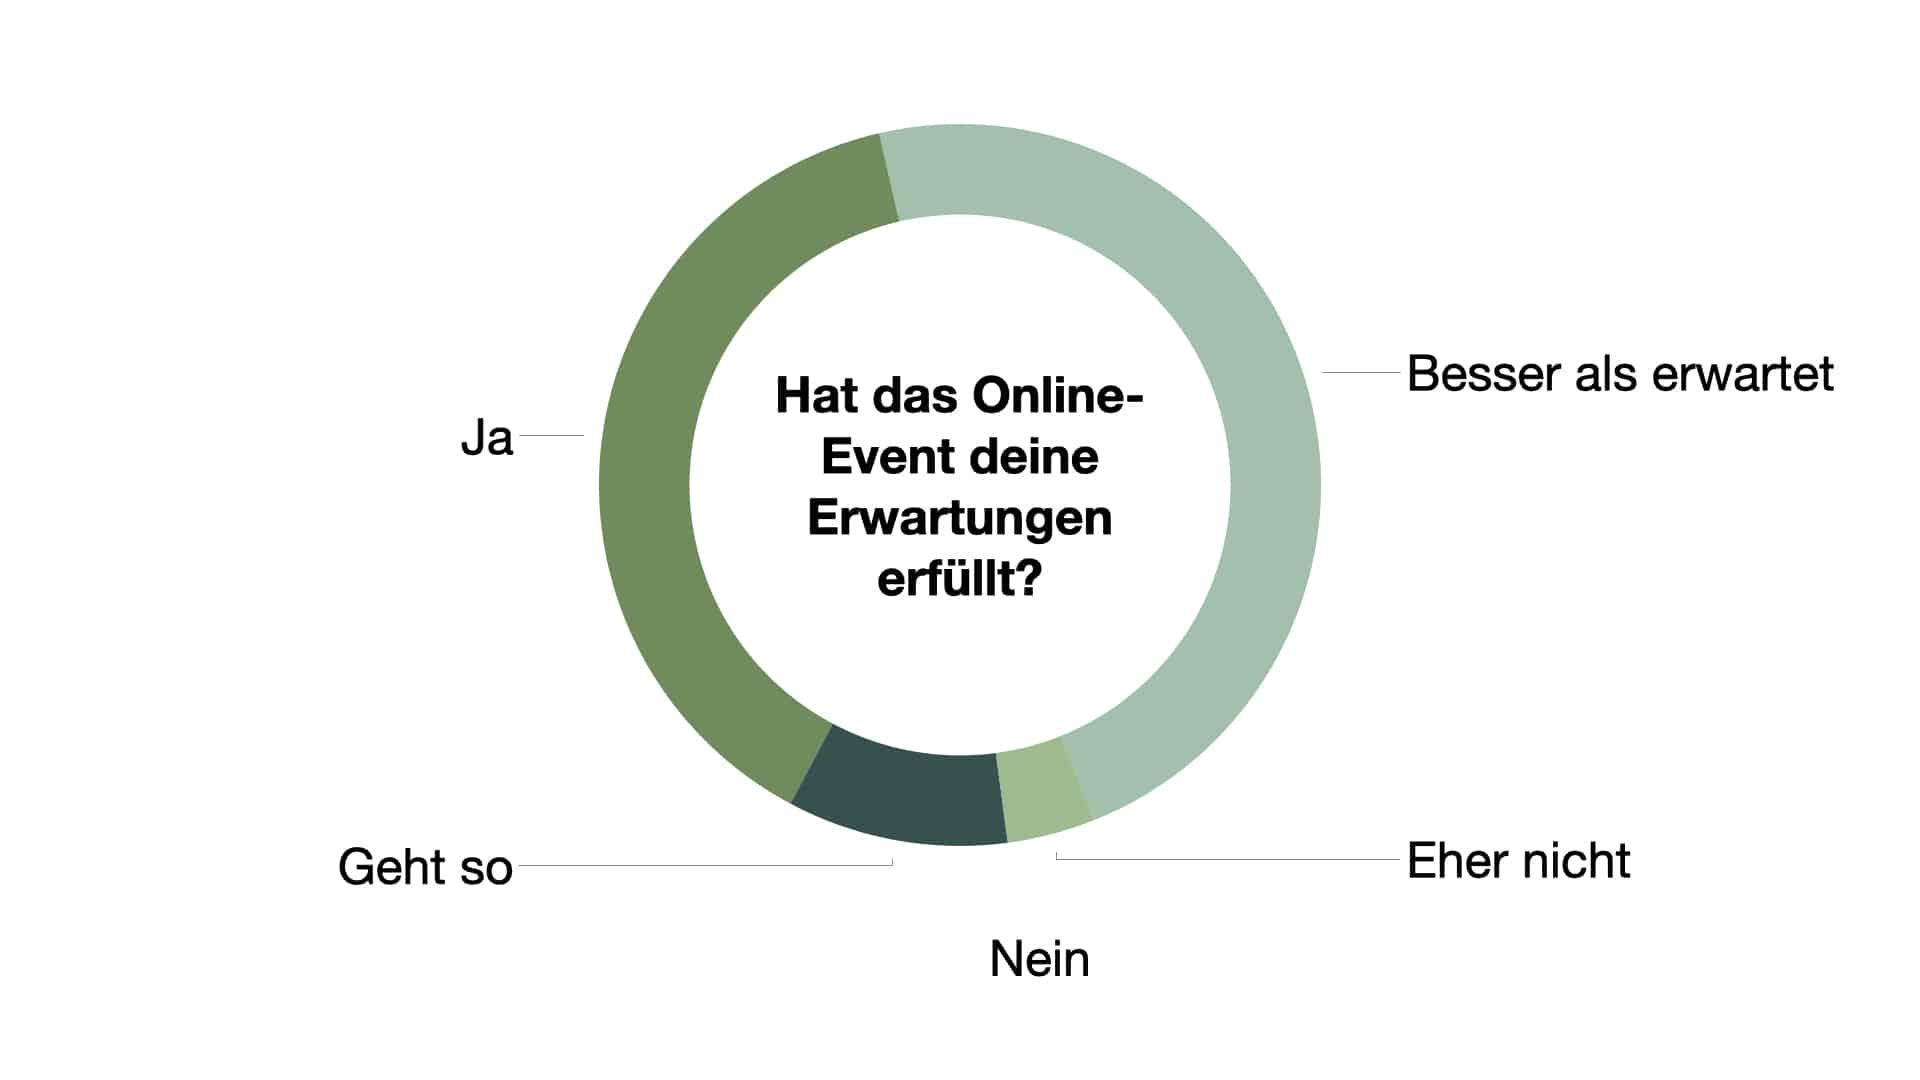 Umfrage: Hat das Online-Event deine Erwartungen erfüllt?